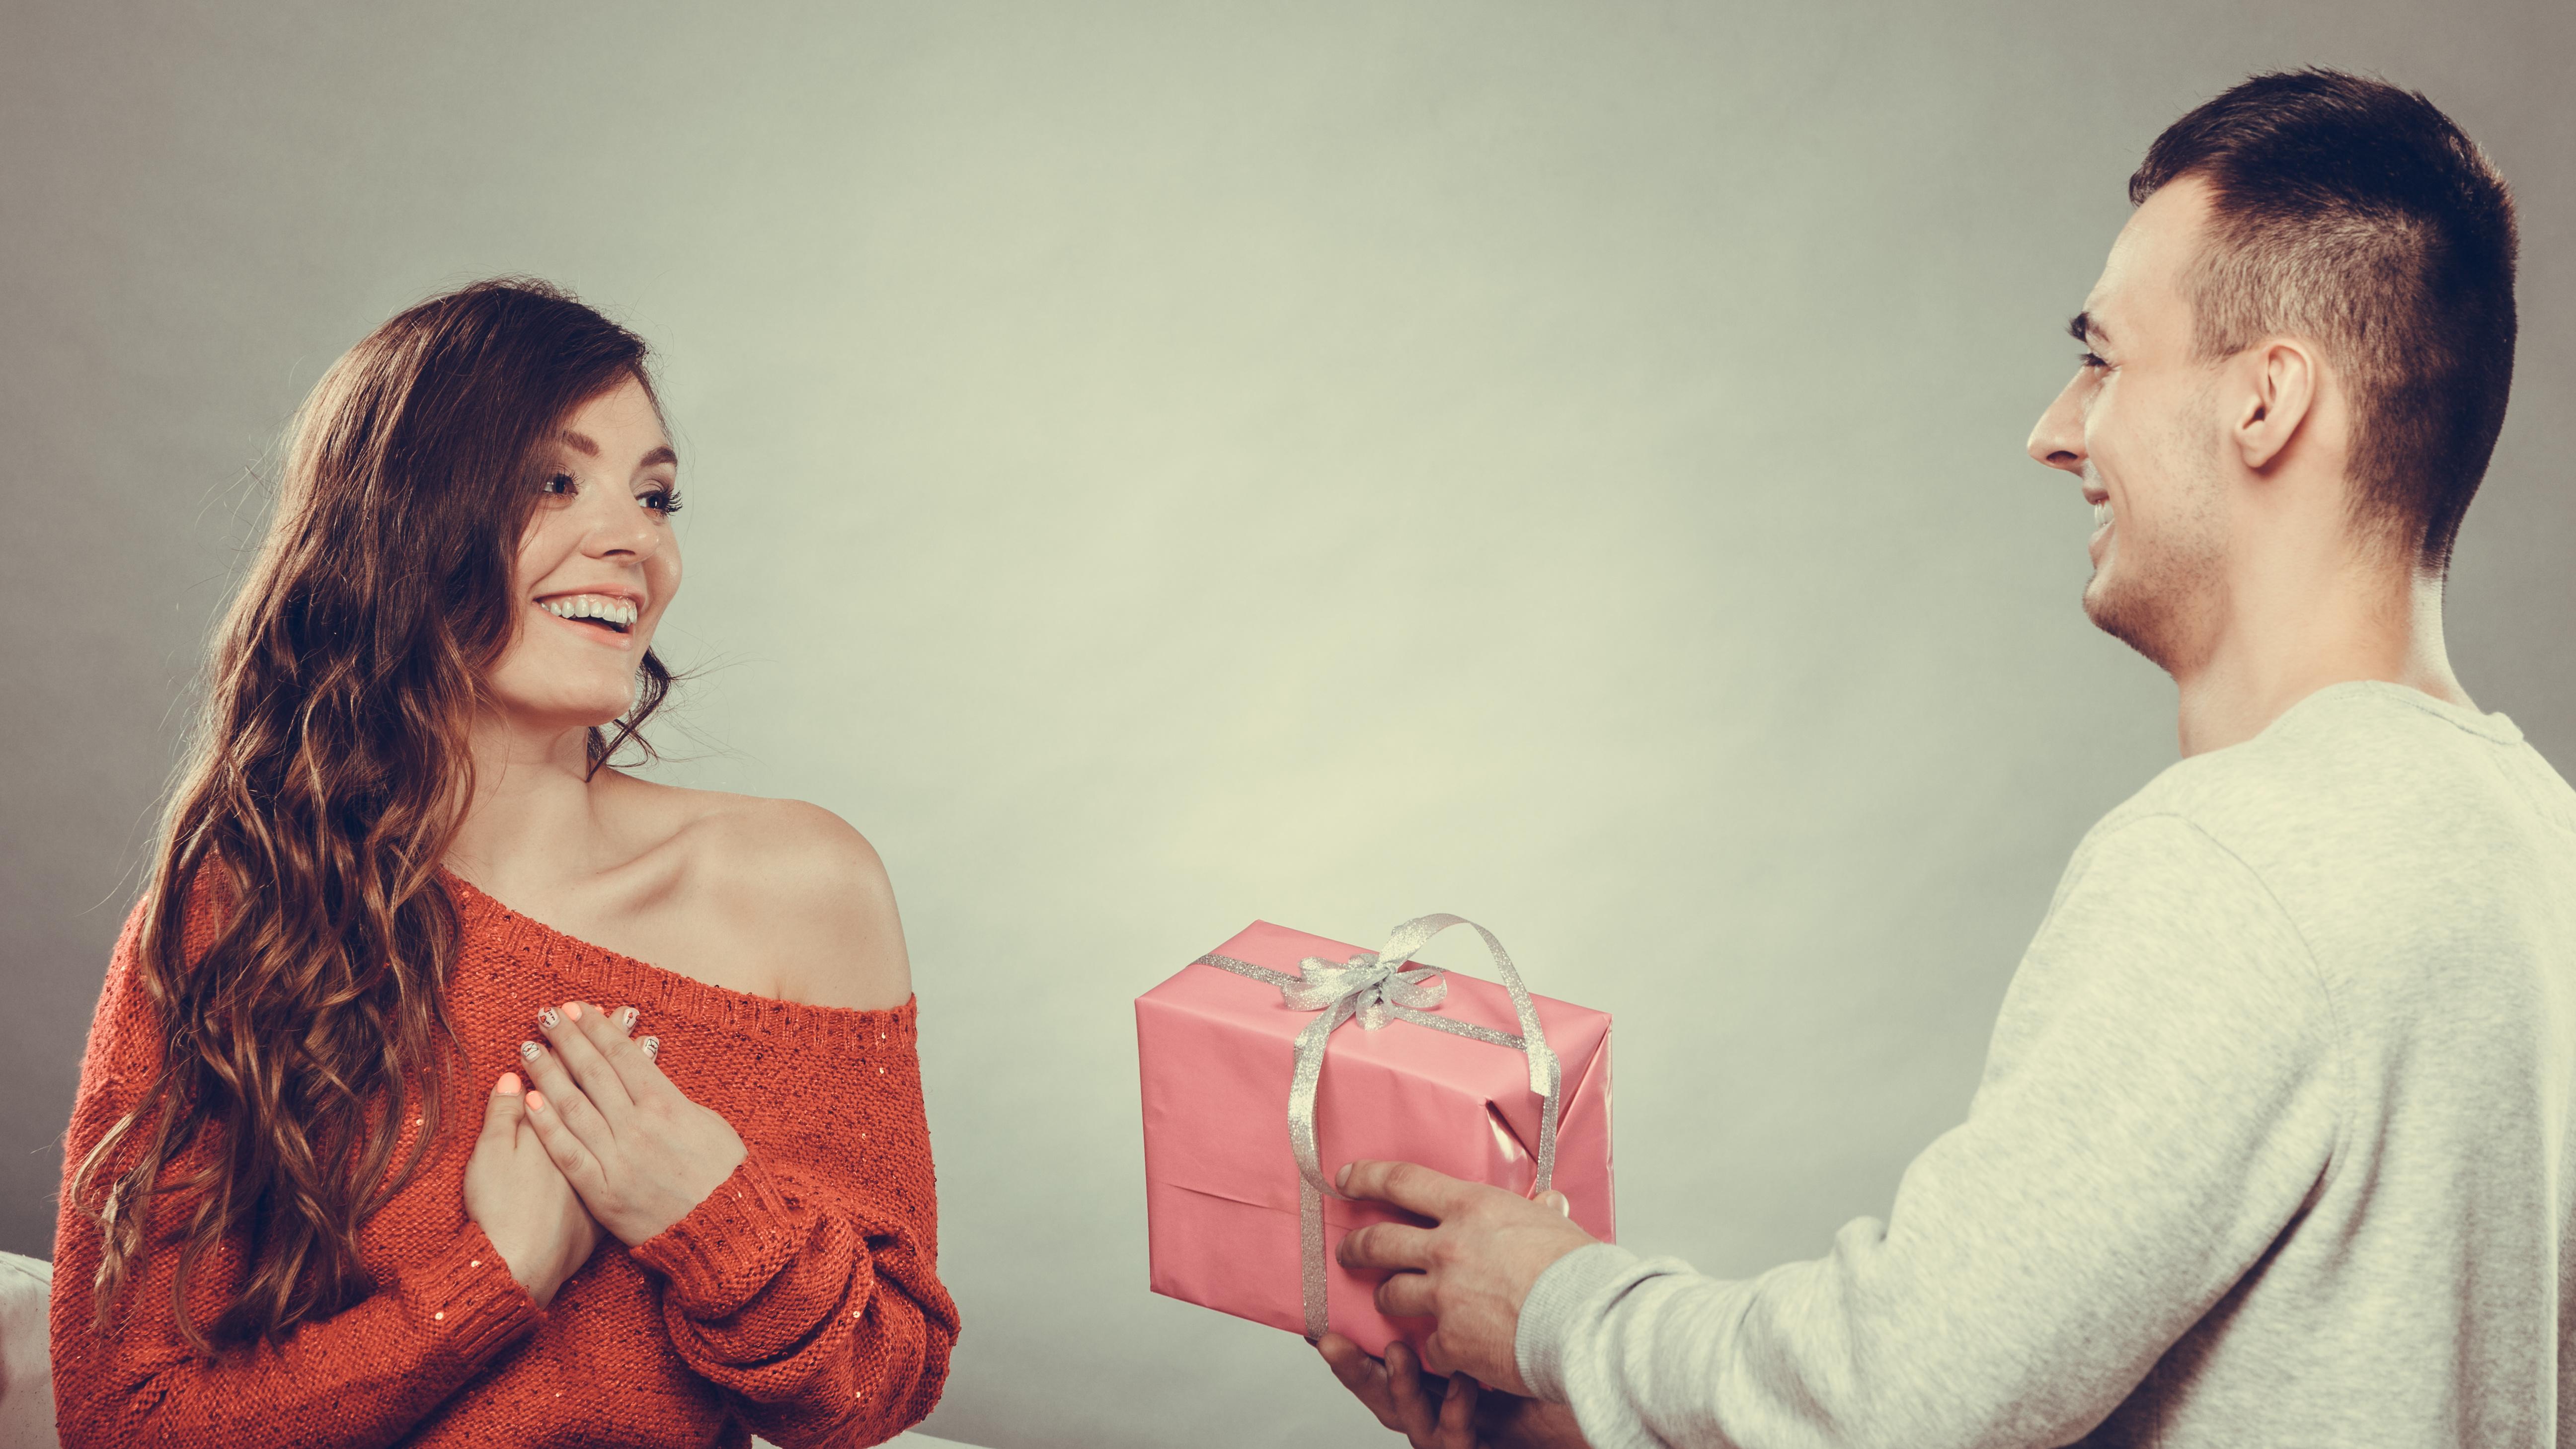 好きでいてくれてるか不安なら彼氏へプレゼントしてみて